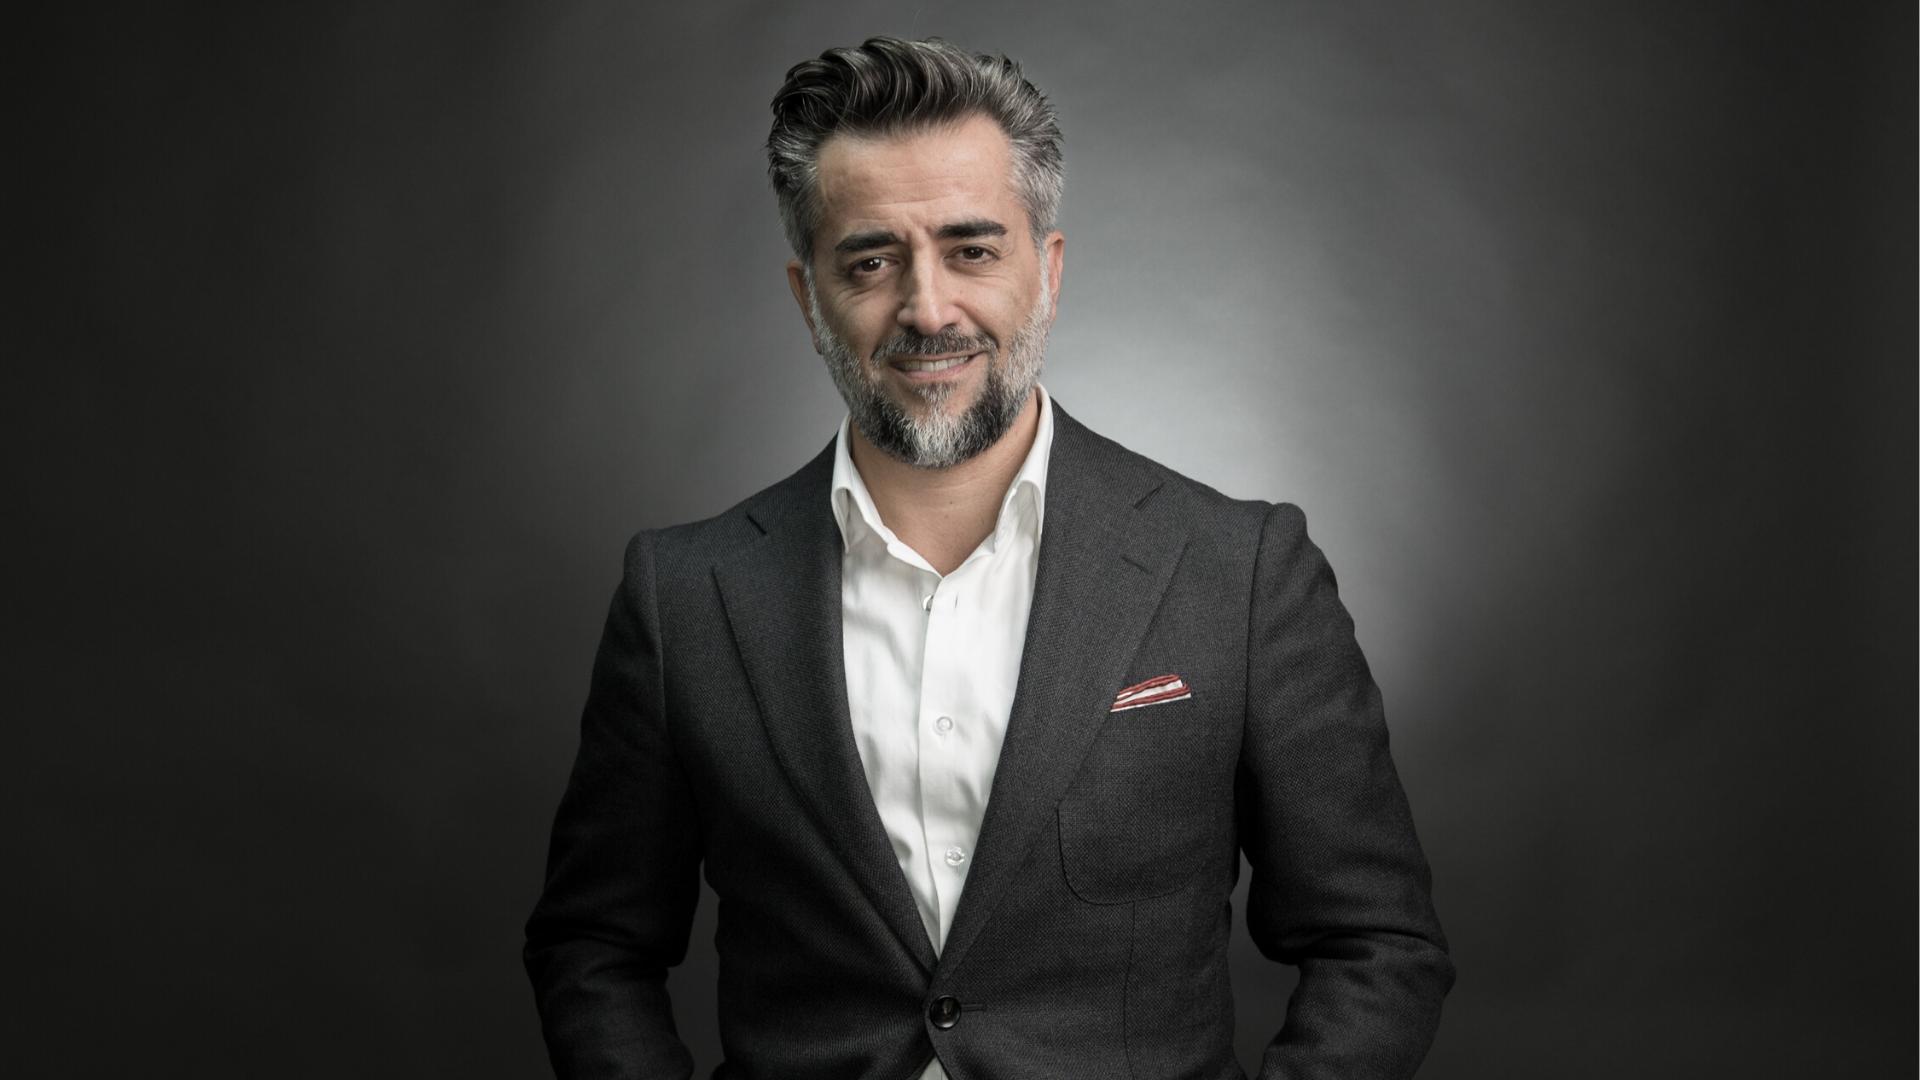 Salvatore Princi